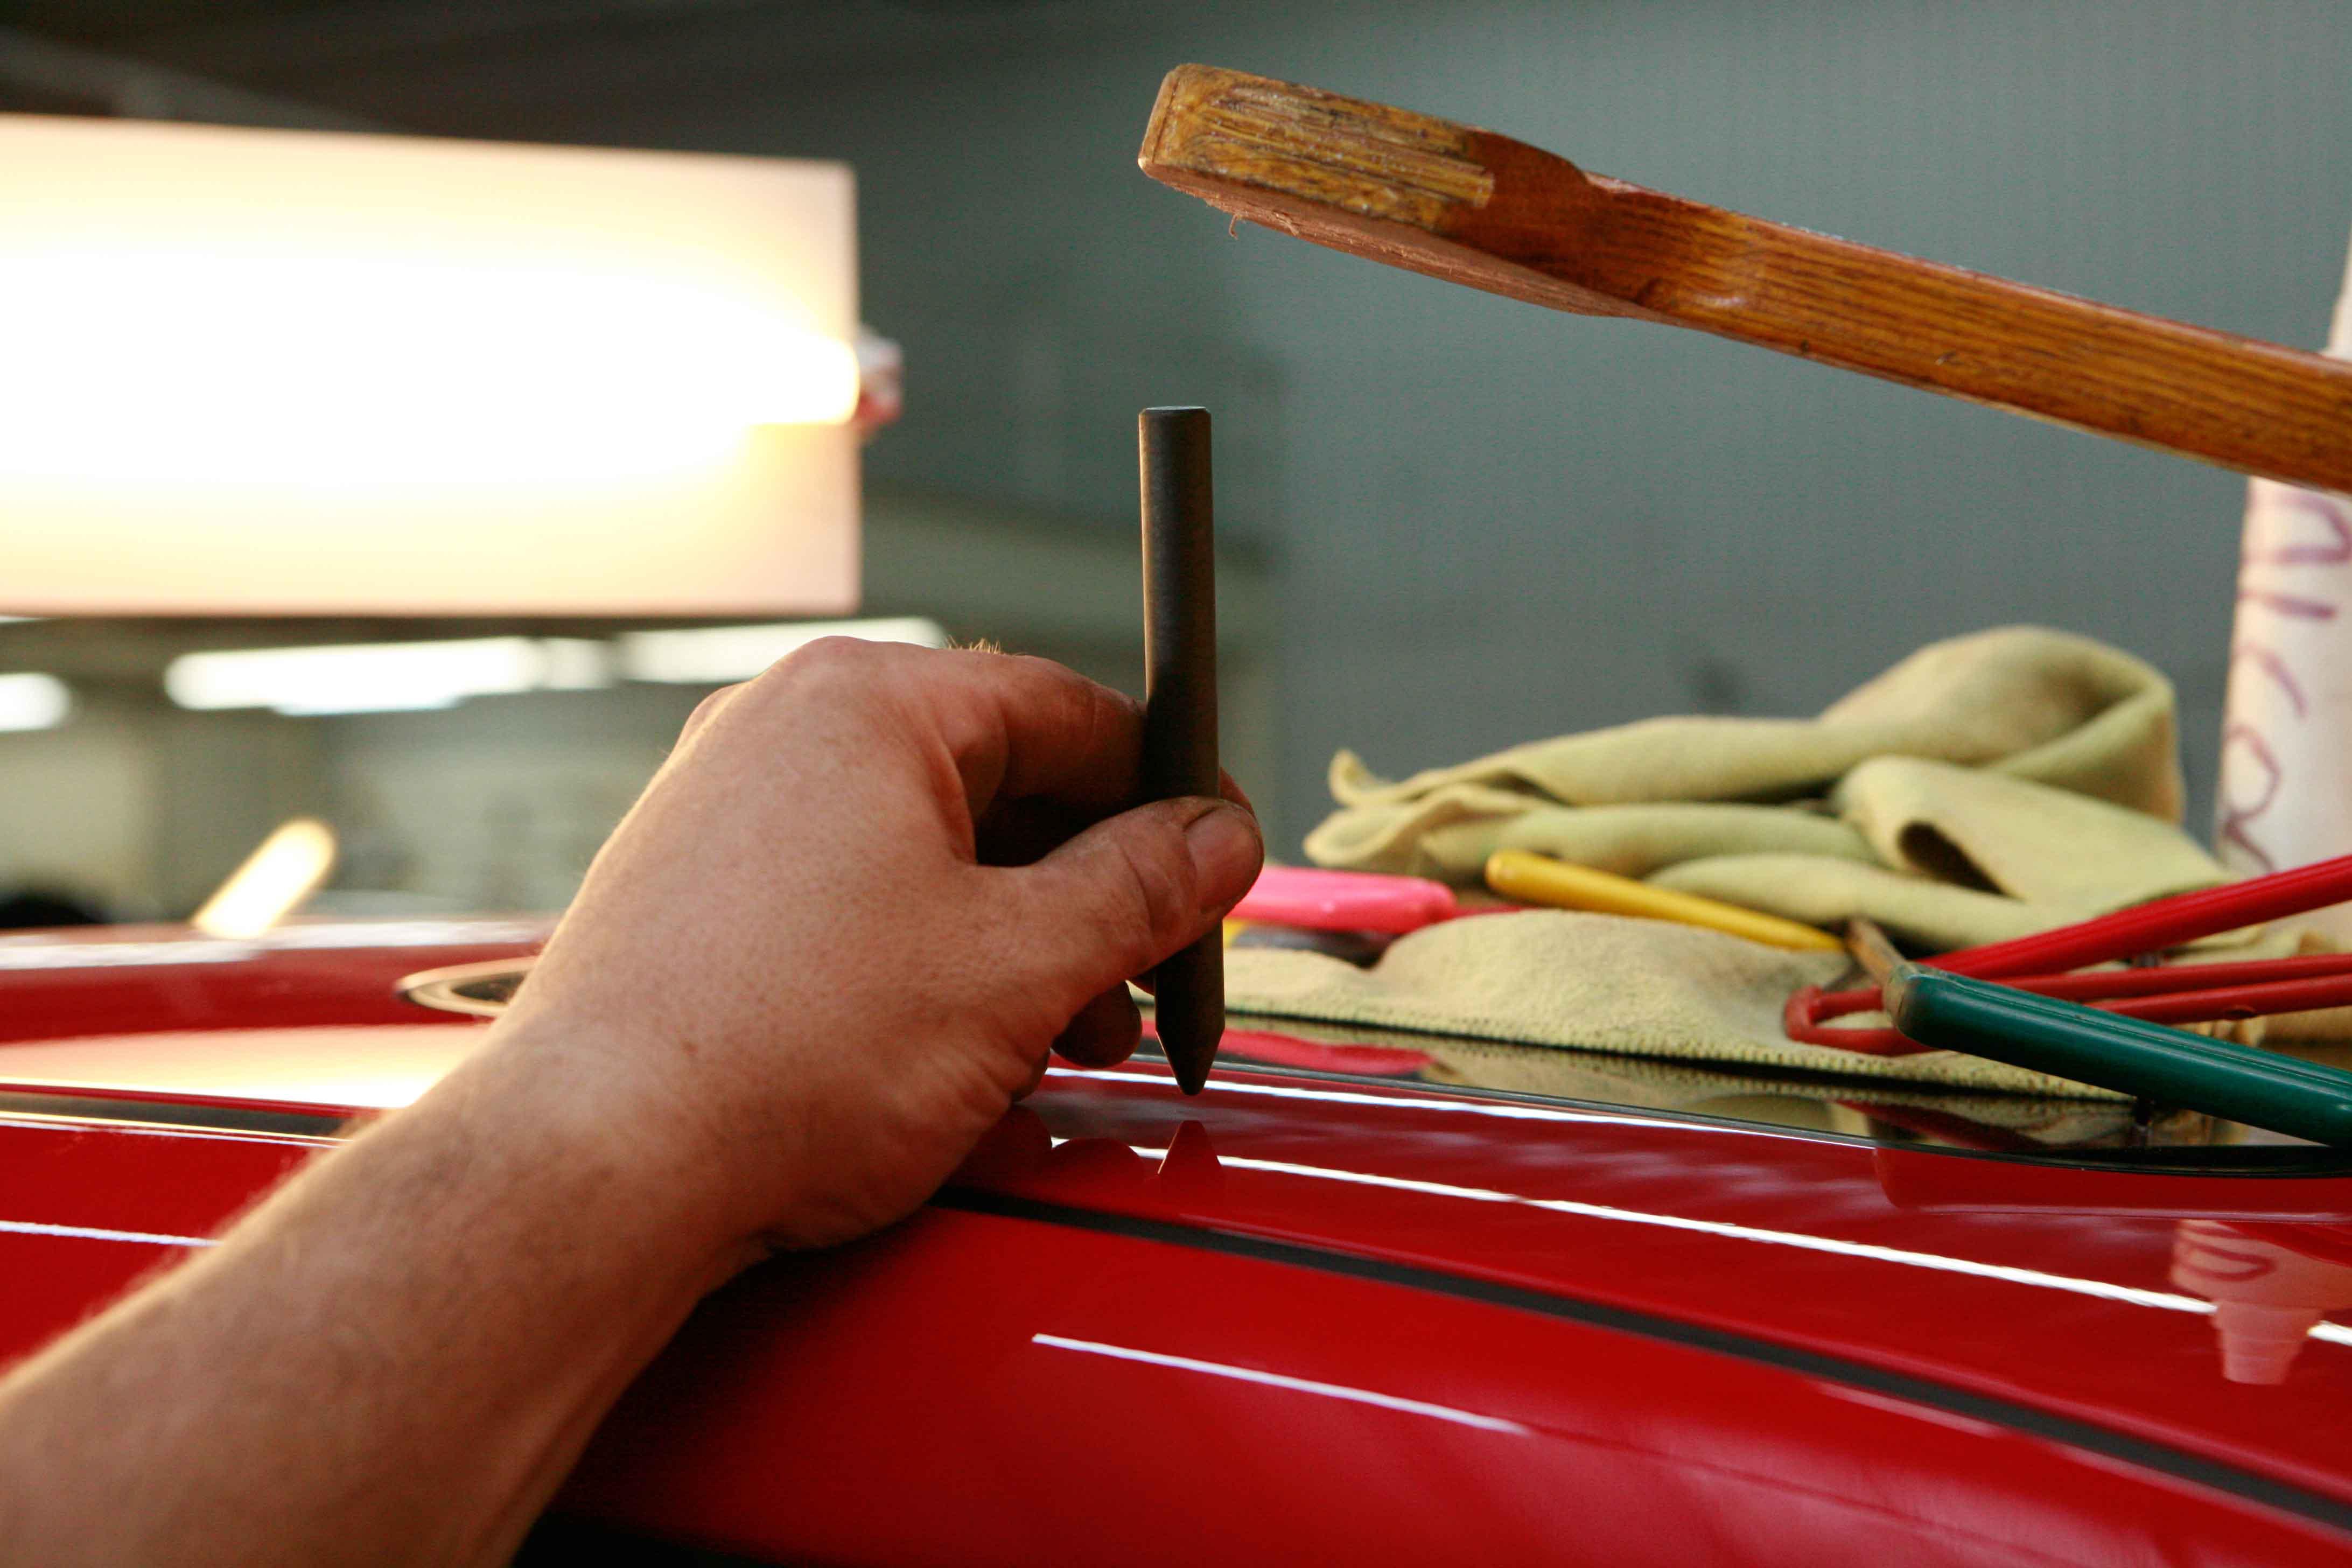 imagen de un mecánico arreglando chapa de coche